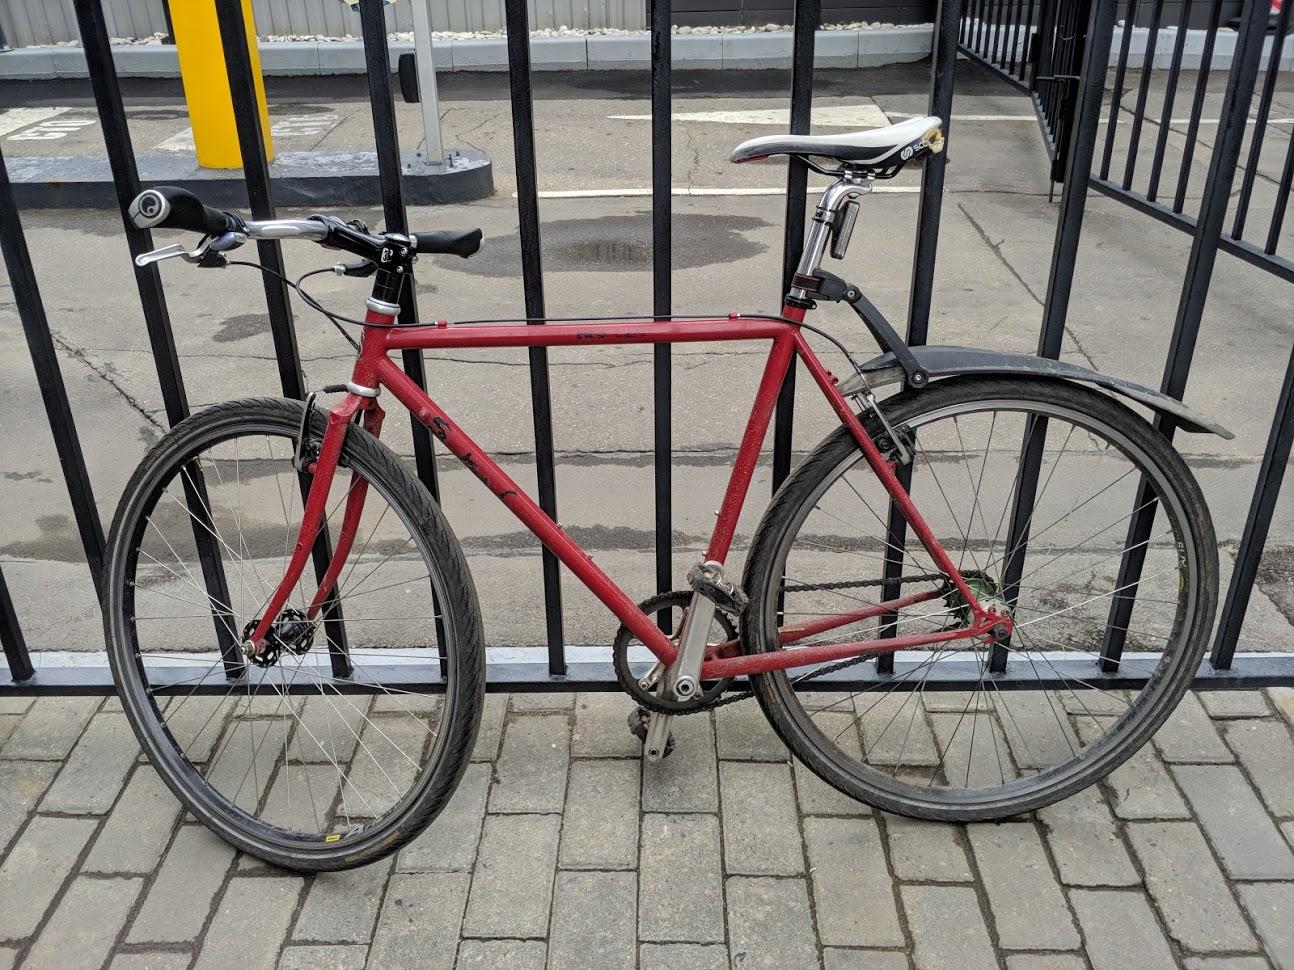 Последняя фотография в сборе. Экспериментировал - езда с рюкзаком на голом велосипеде против велосипеда увешанного сумками. Голый велосипед ощущается живее, но по времени никакого выигрыша нет.